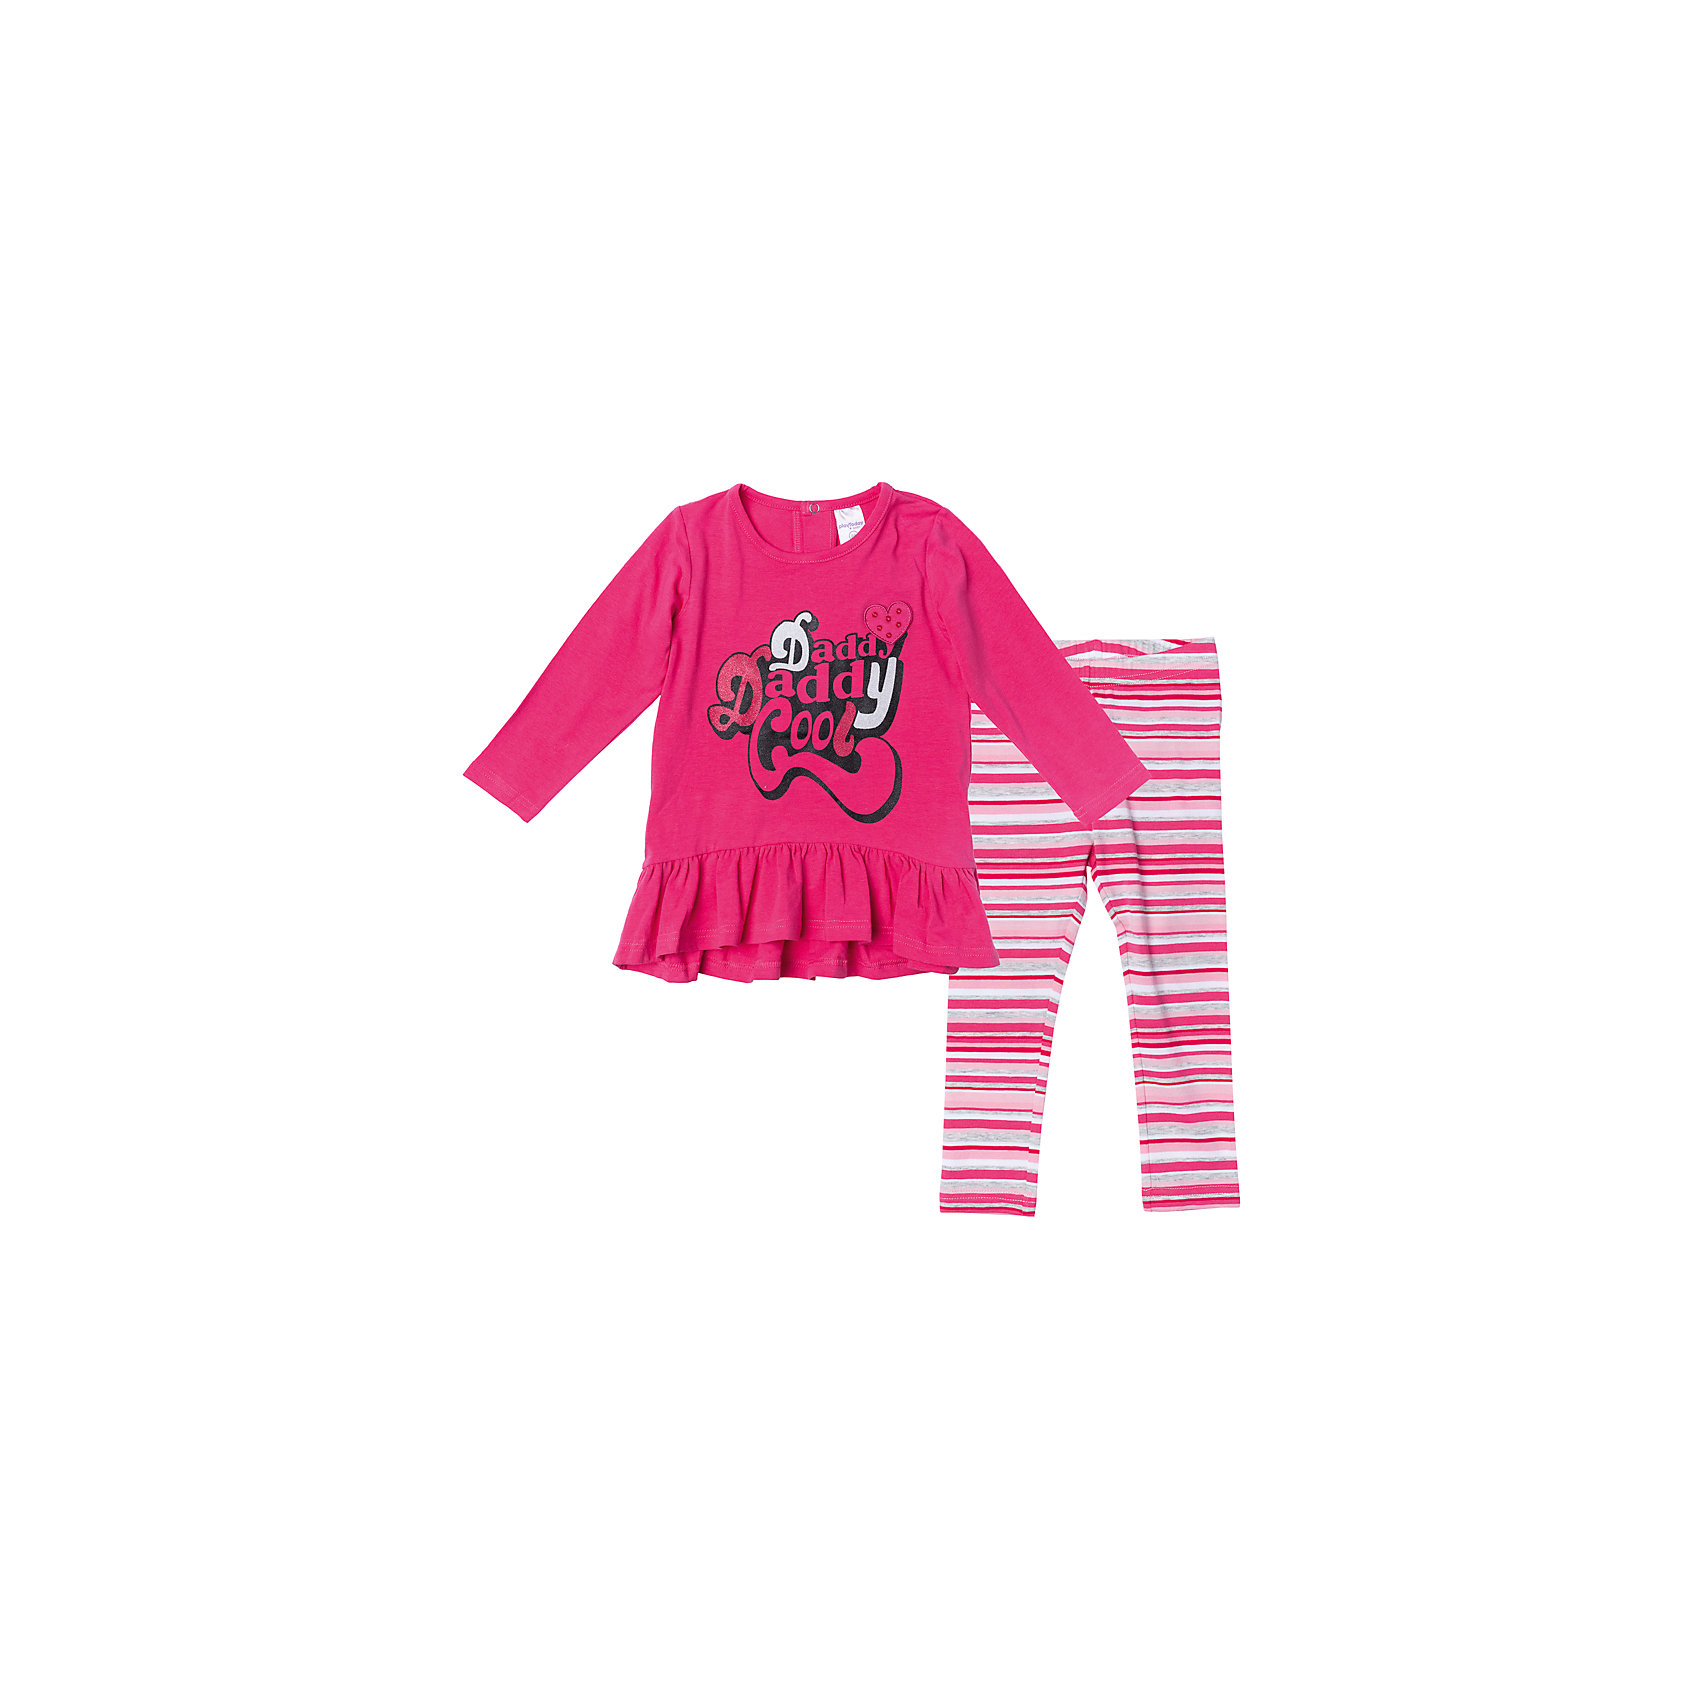 Комплект для девочки PlayTodayКомплекты<br>Характеристики товара:<br><br>• цвет: розовый<br>• состав: 95% хлопок, 5% эластан<br>• комплектация: платье, леггинсы<br>• дышащий материал<br>• длинные рукава<br>• кнопки на платье для удобства надевания<br>• пояс леггинсов - мягкая резинка<br>• комфортная посадка<br>• коллекция: весна-лето 2017<br>• страна бренда: Германия<br>• страна производства: Китай<br><br>Популярный бренд PlayToday выпустил новую коллекцию! Вещи из неё продолжают радовать покупателей удобством, стильным дизайном и продуманным кроем. Дети носят их с удовольствием. PlayToday - это линейка товаров, созданная специально для детей. Дизайнеры учитывают новые веяния моды и потребности детей. Порадуйте ребенка обновкой от проверенного производителя!<br>Эта модель обеспечит ребенку комфорт благодаря качественному материалу и удобному крою. Отличный вариант детской одежды - она не трет и давит, не ограничивает свободу движений! Выглядит стильно и аккуратно.<br><br>Комплект для девочки от известного бренда PlayToday можно купить в нашем интернет-магазине.<br><br>Ширина мм: 215<br>Глубина мм: 88<br>Высота мм: 191<br>Вес г: 336<br>Цвет: белый<br>Возраст от месяцев: 6<br>Возраст до месяцев: 9<br>Пол: Женский<br>Возраст: Детский<br>Размер: 74,92,86,80<br>SKU: 5408144